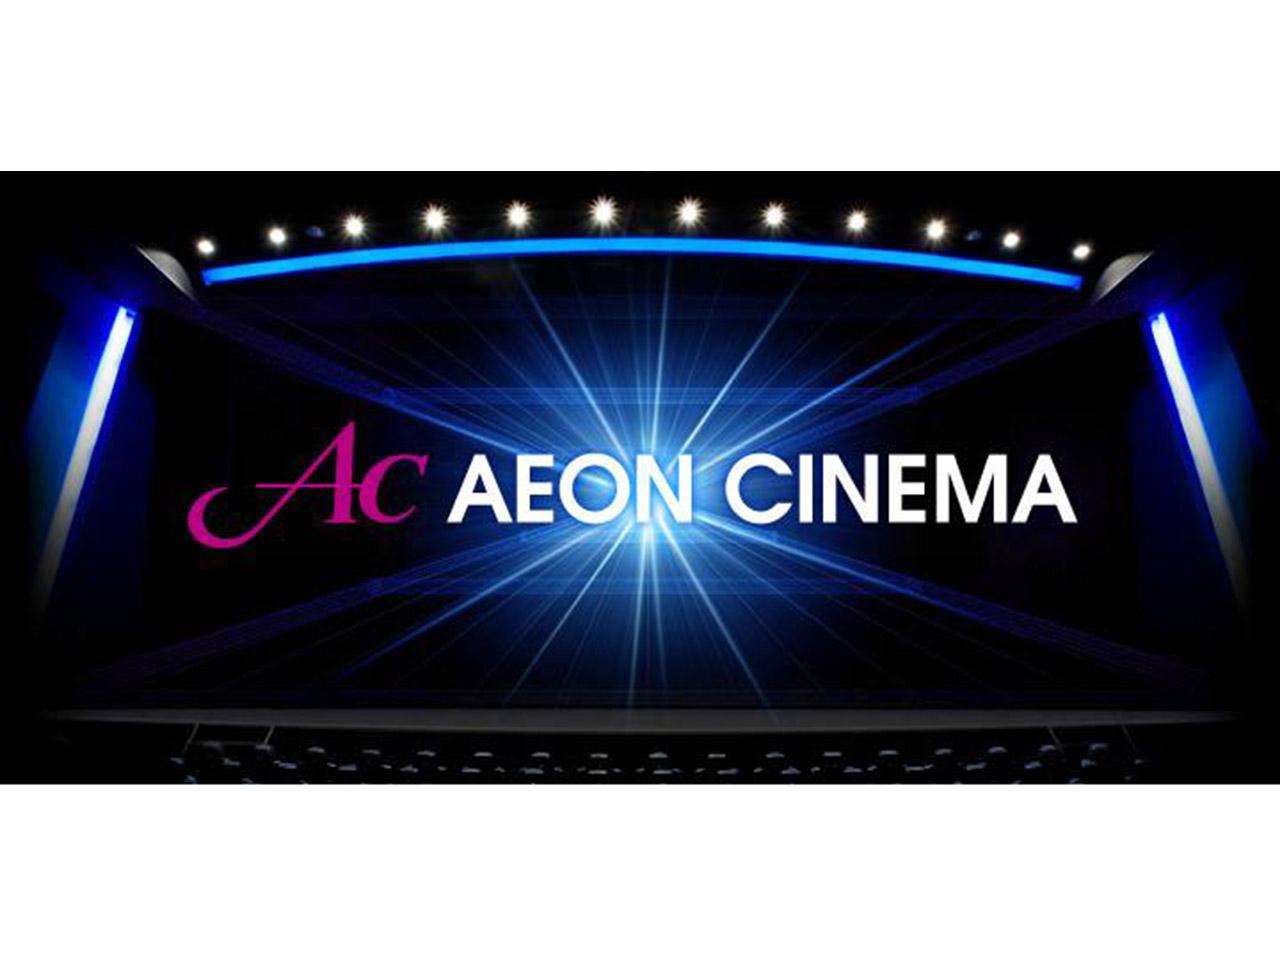 シネマ イオン イオンシネマ-映画館、映画情報、上映スケジュール、試写会情報、映画ランキングのシネマ情報サイト